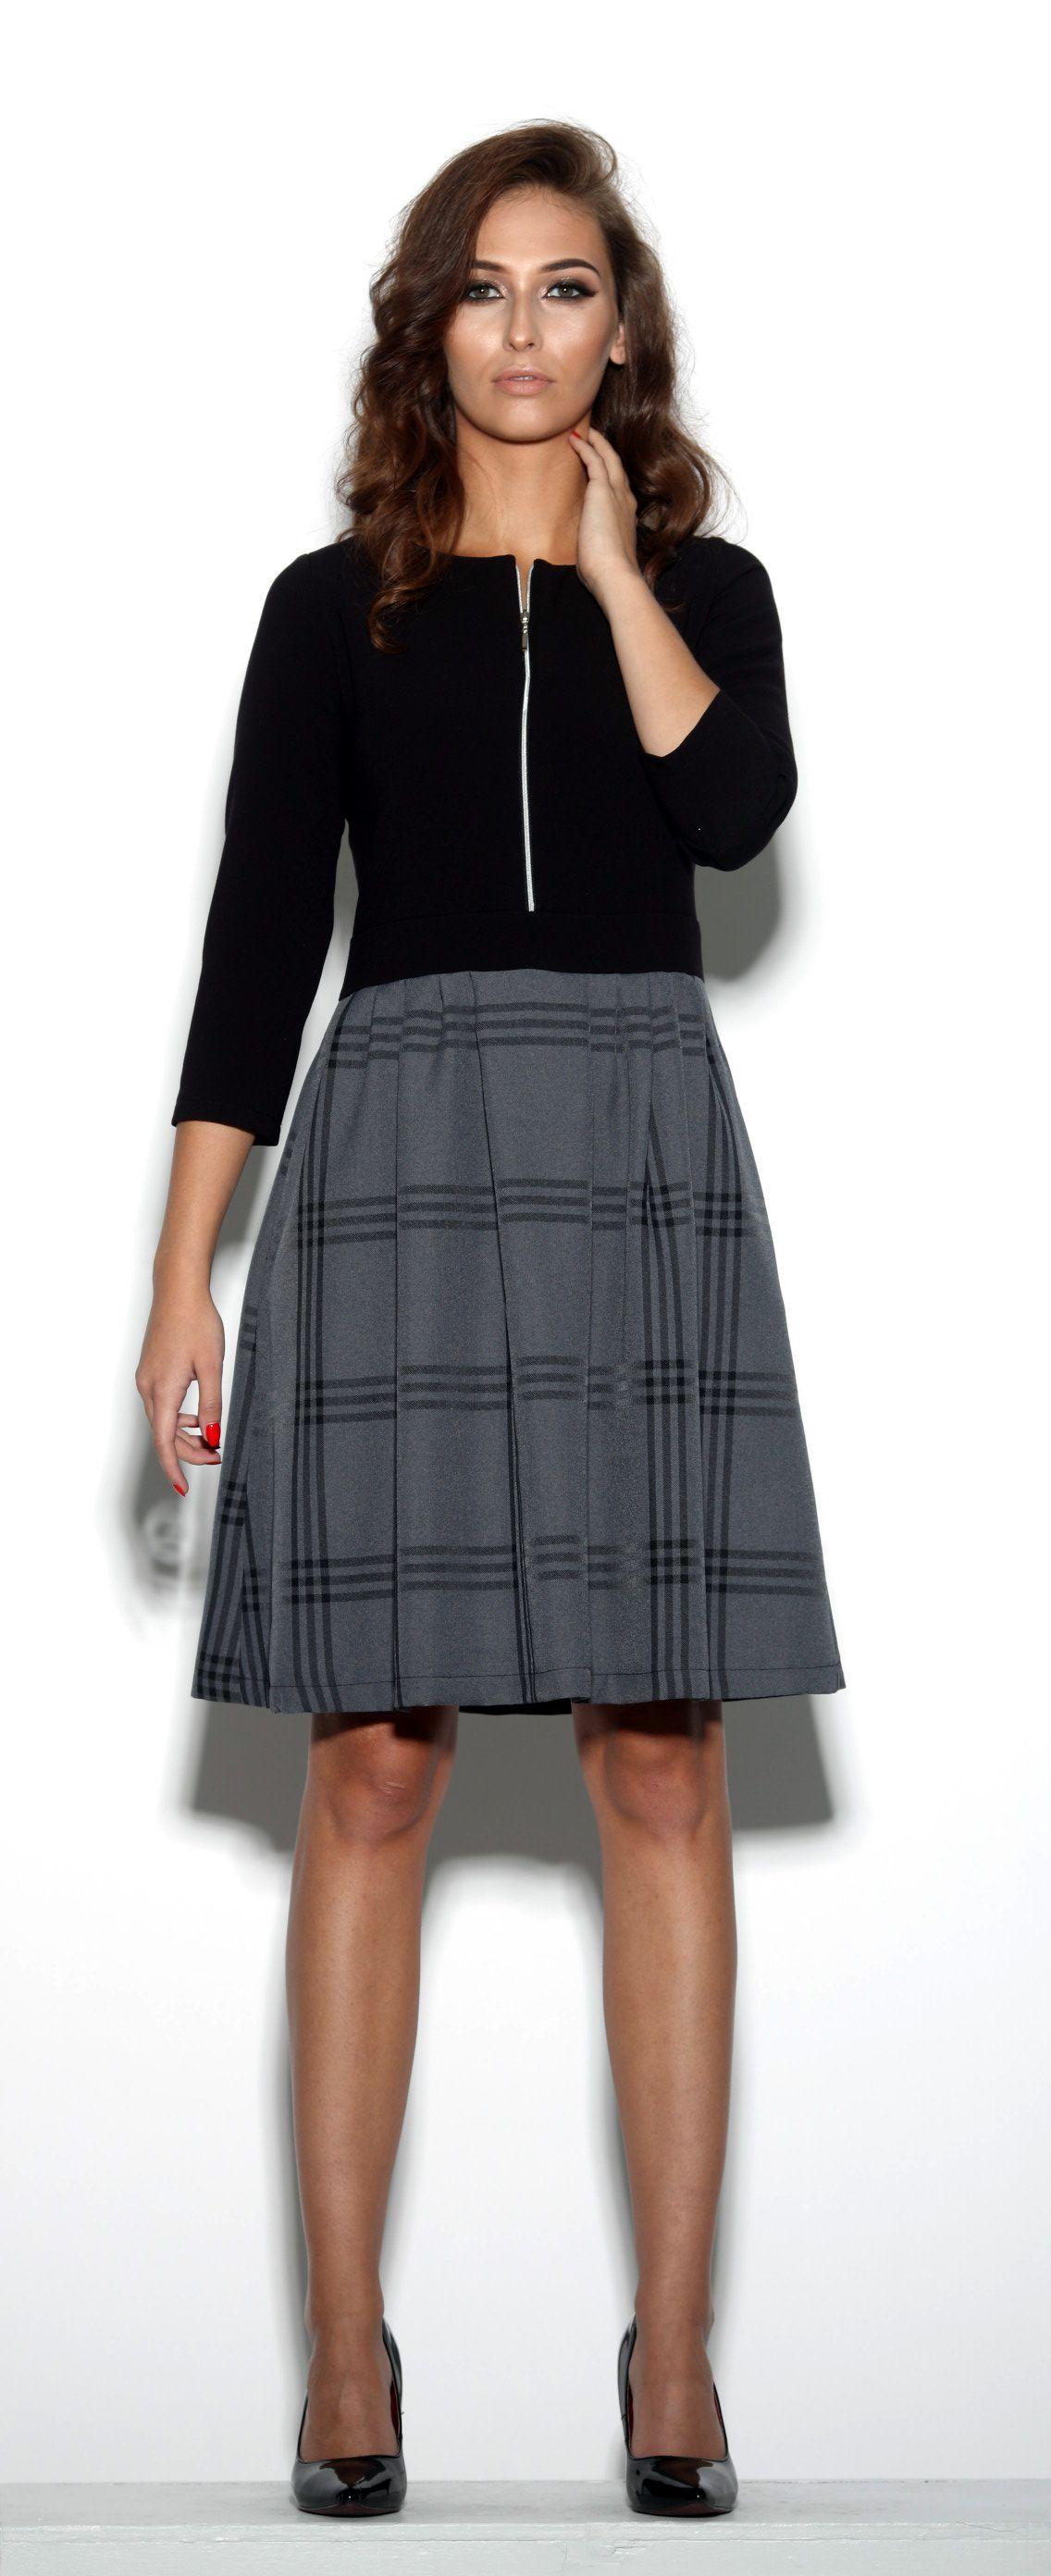 Sukienka Kratke Z Zamkiem Ciazowa Do Karmienia 42 5676563106 Oficjalne Archiwum Allegro Fashion Mini Skirts Skirts